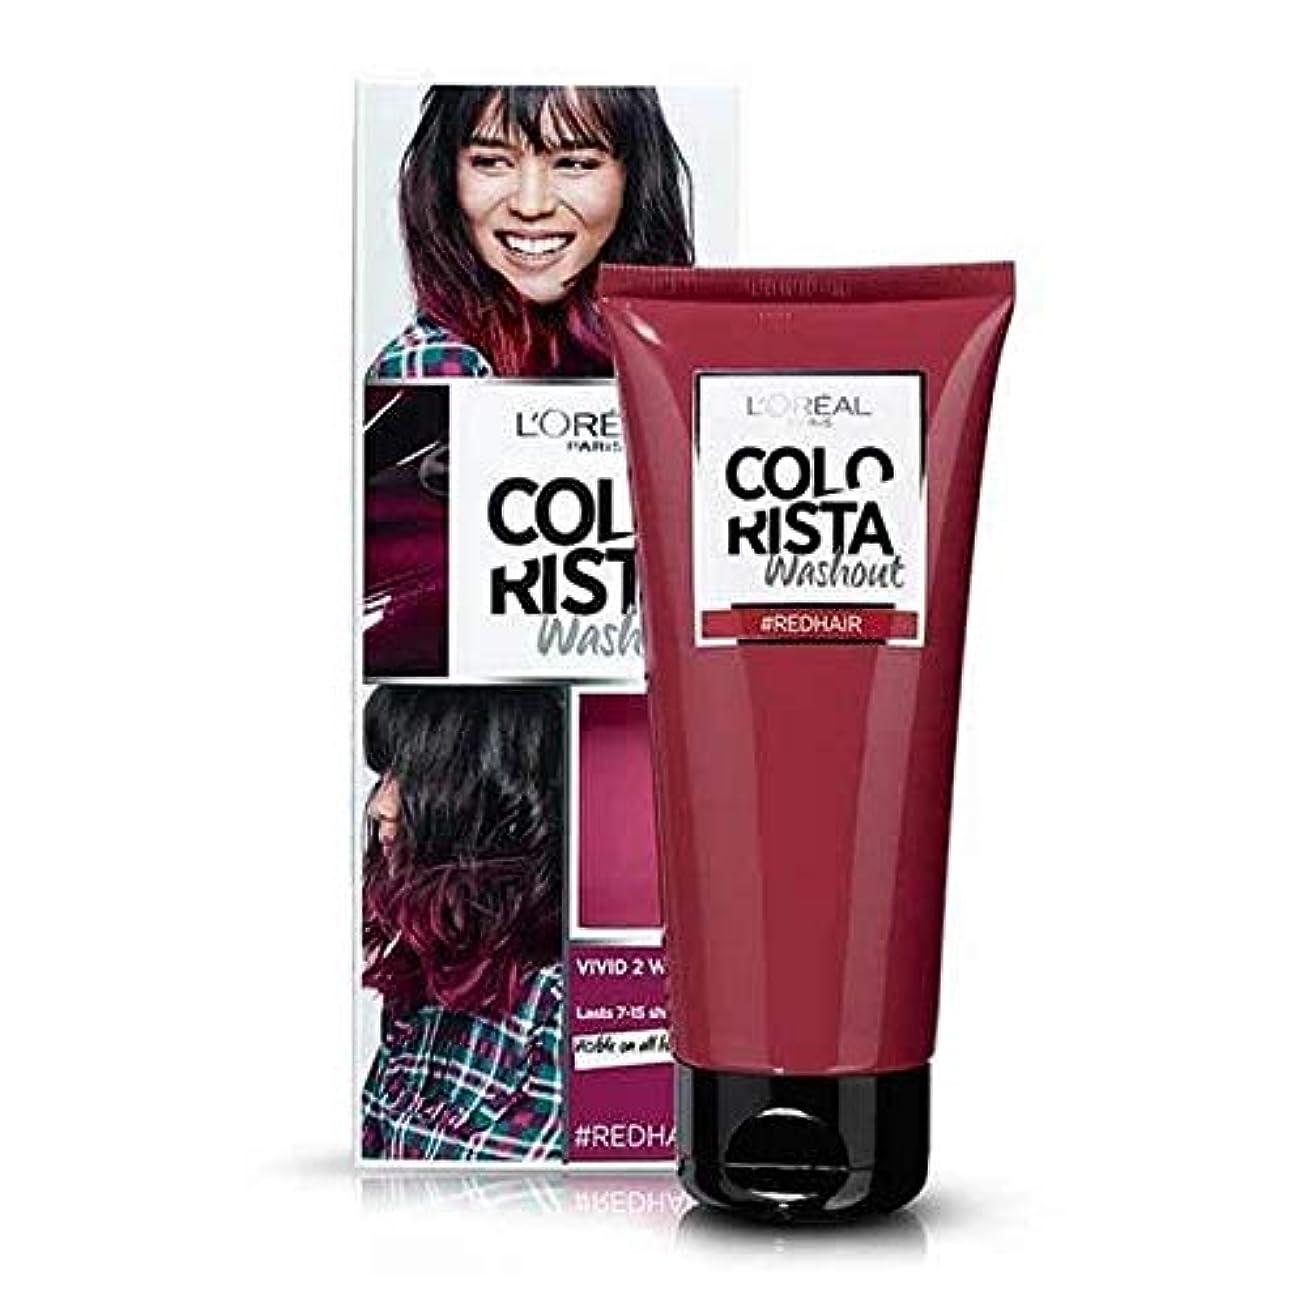 スピーカーけん引拡張[Colorista] Colorista洗い出し赤半永久染毛剤 - Colorista Washout Red Semi-Permanent Hair Dye [並行輸入品]